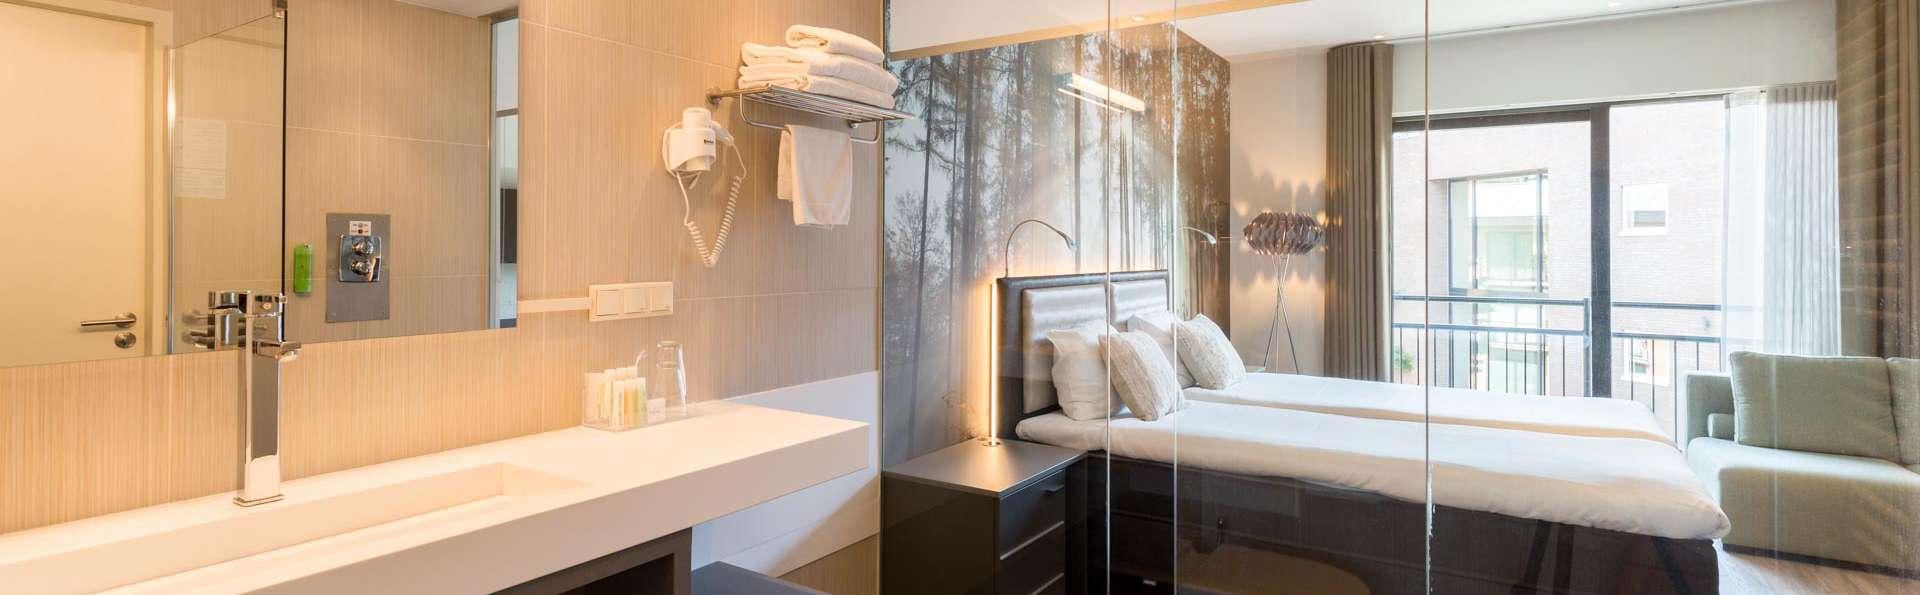 Séjour de luxe dans l'une des chambres exécutives récemment rénovées